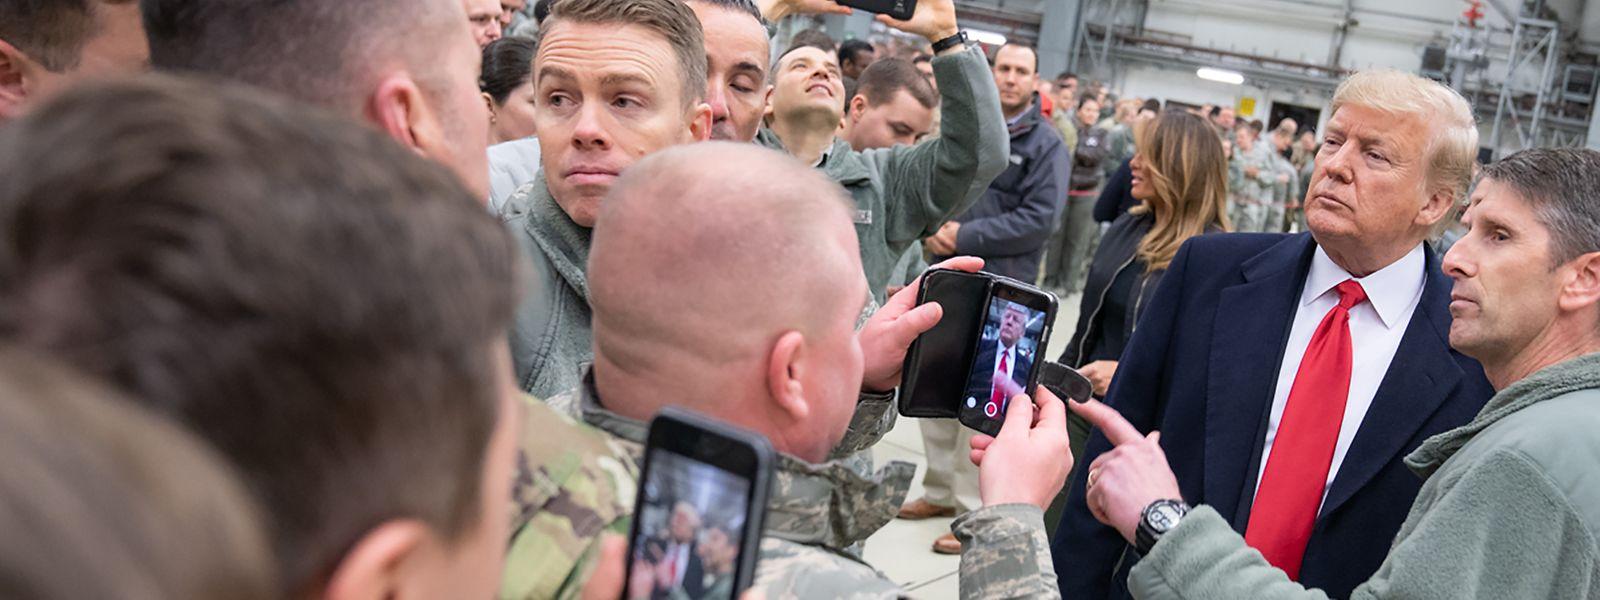 Donald Trump bei einem Besuch der US-Militärbasis in Ramstein (Rheinland-Pfalz) im Dezember 2018.